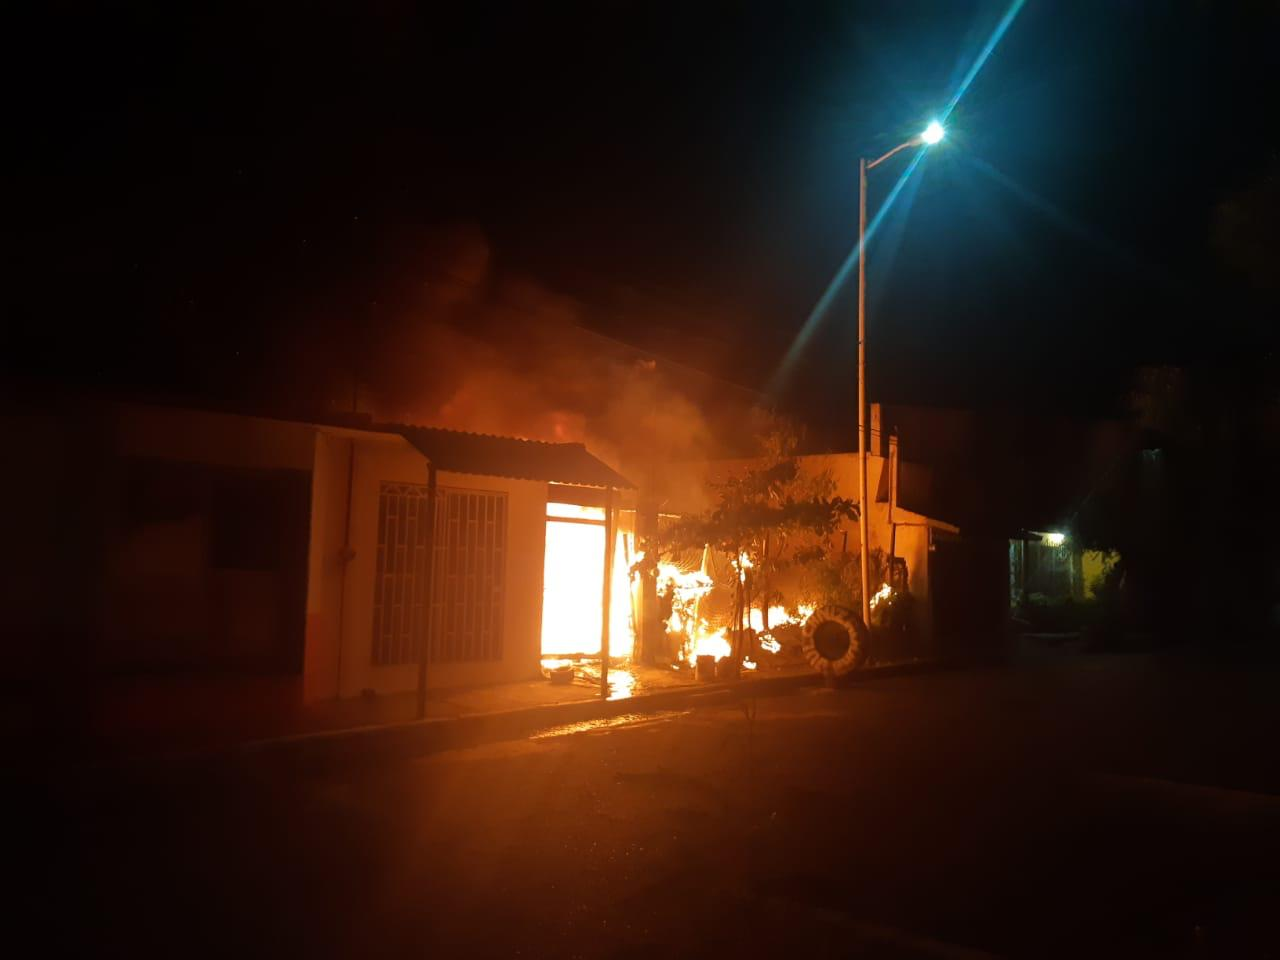 Incendio consume una vulcanizadora en la Revolución.